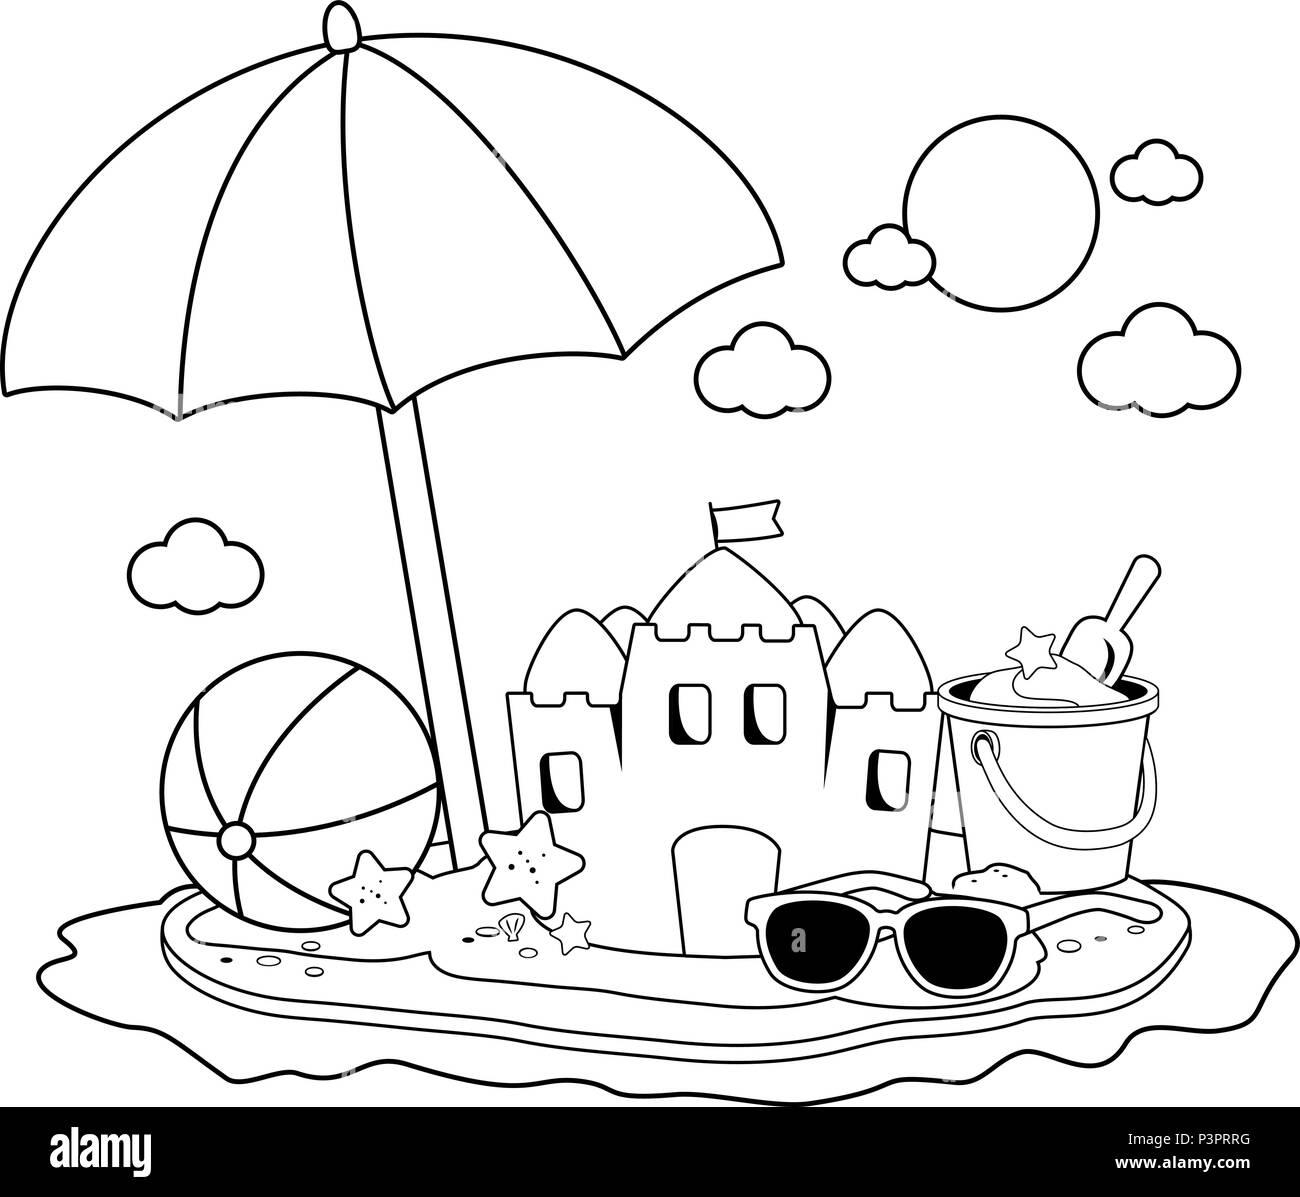 Disegni Di Spiaggia E Ombrelloni.Vacanze Estive Isola Con Ombrellone Un Castello Di Sabbia E Altri